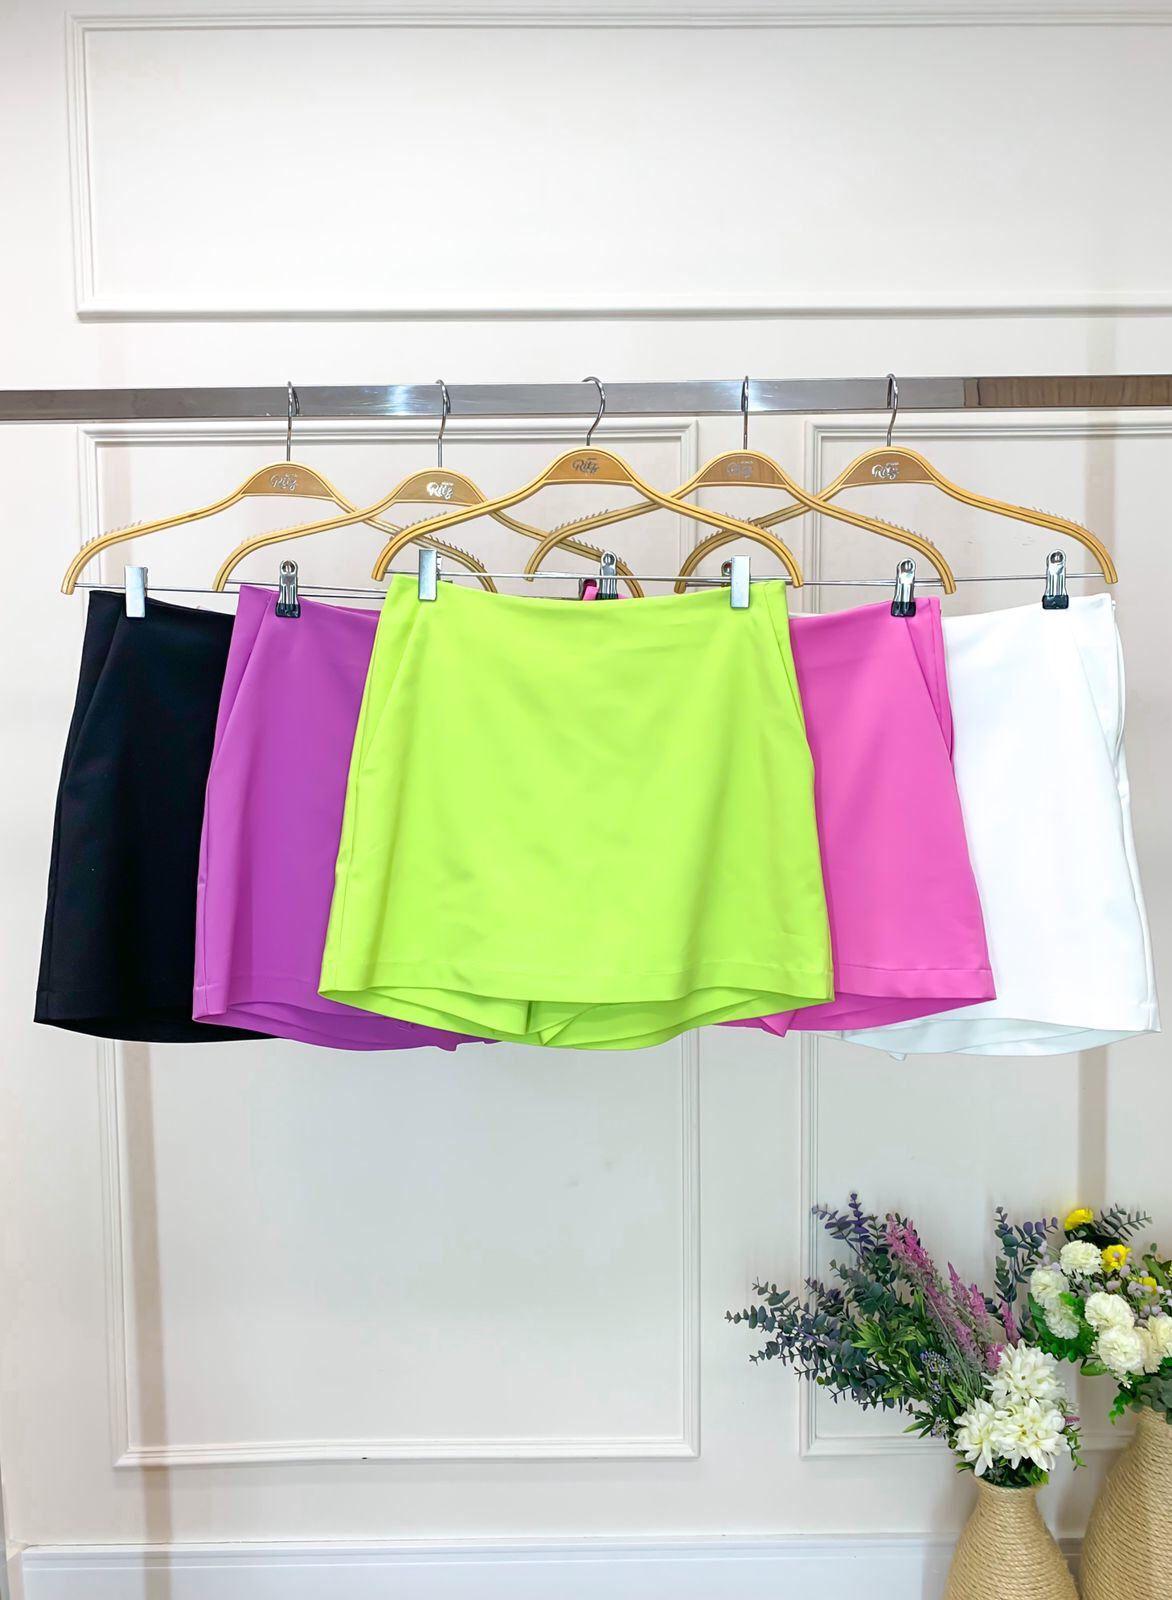 Shorts Saia Juliana Alfaiataria Cotton Bolsinho Laterais Fechamento Ziper Costas 50% Algodão 47% Poliamida (Forro) 3% Elastano